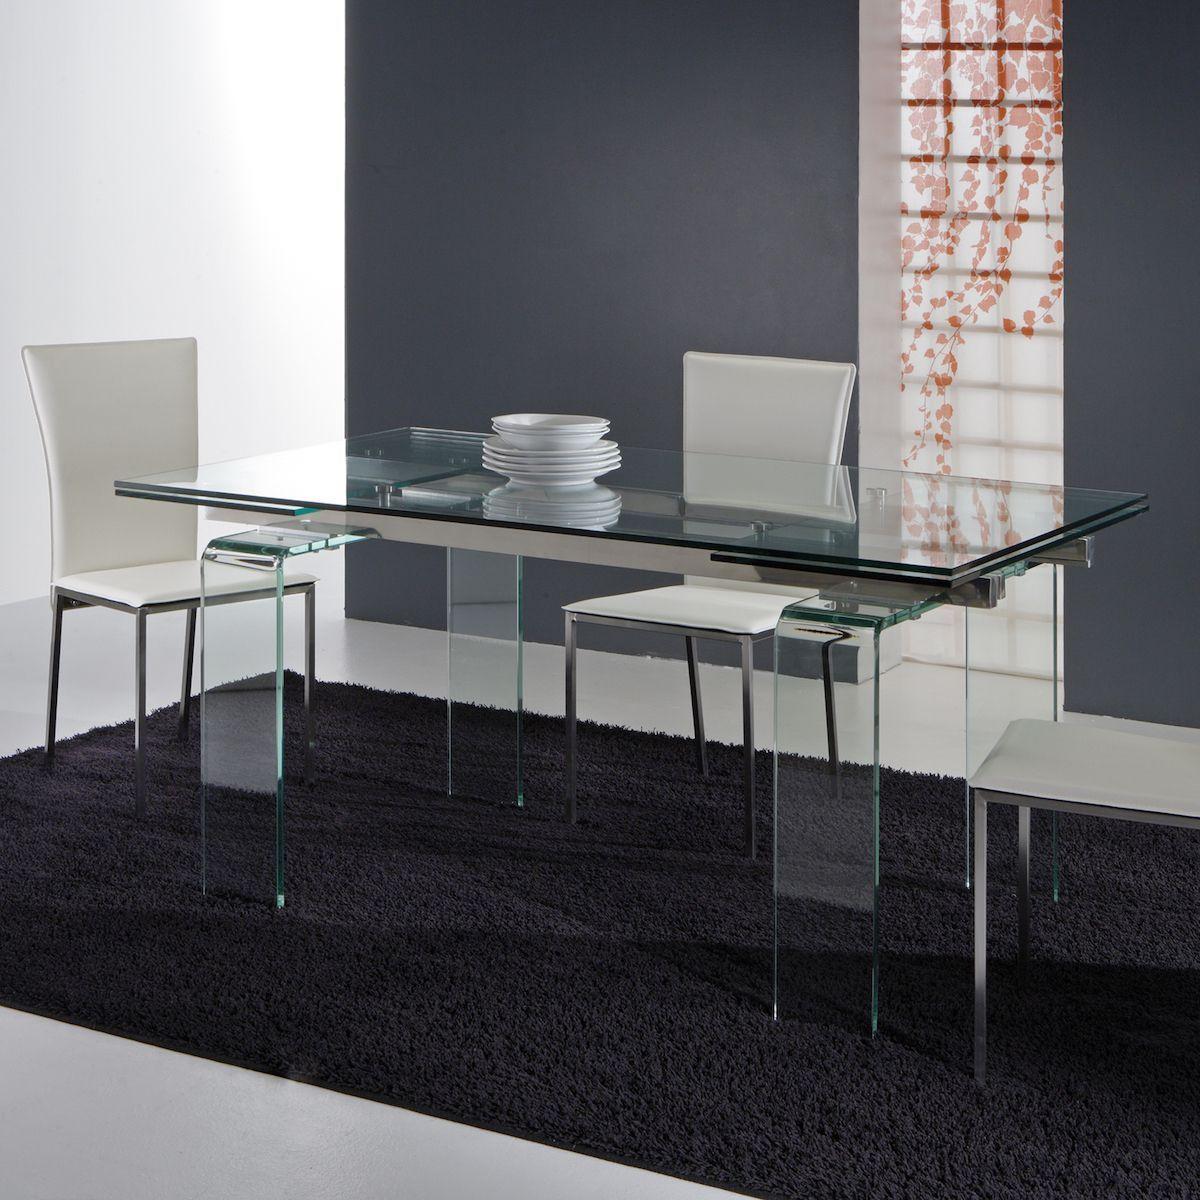 Tavolo Evident in vetro trasparente allungabile a 240 cm Un ...